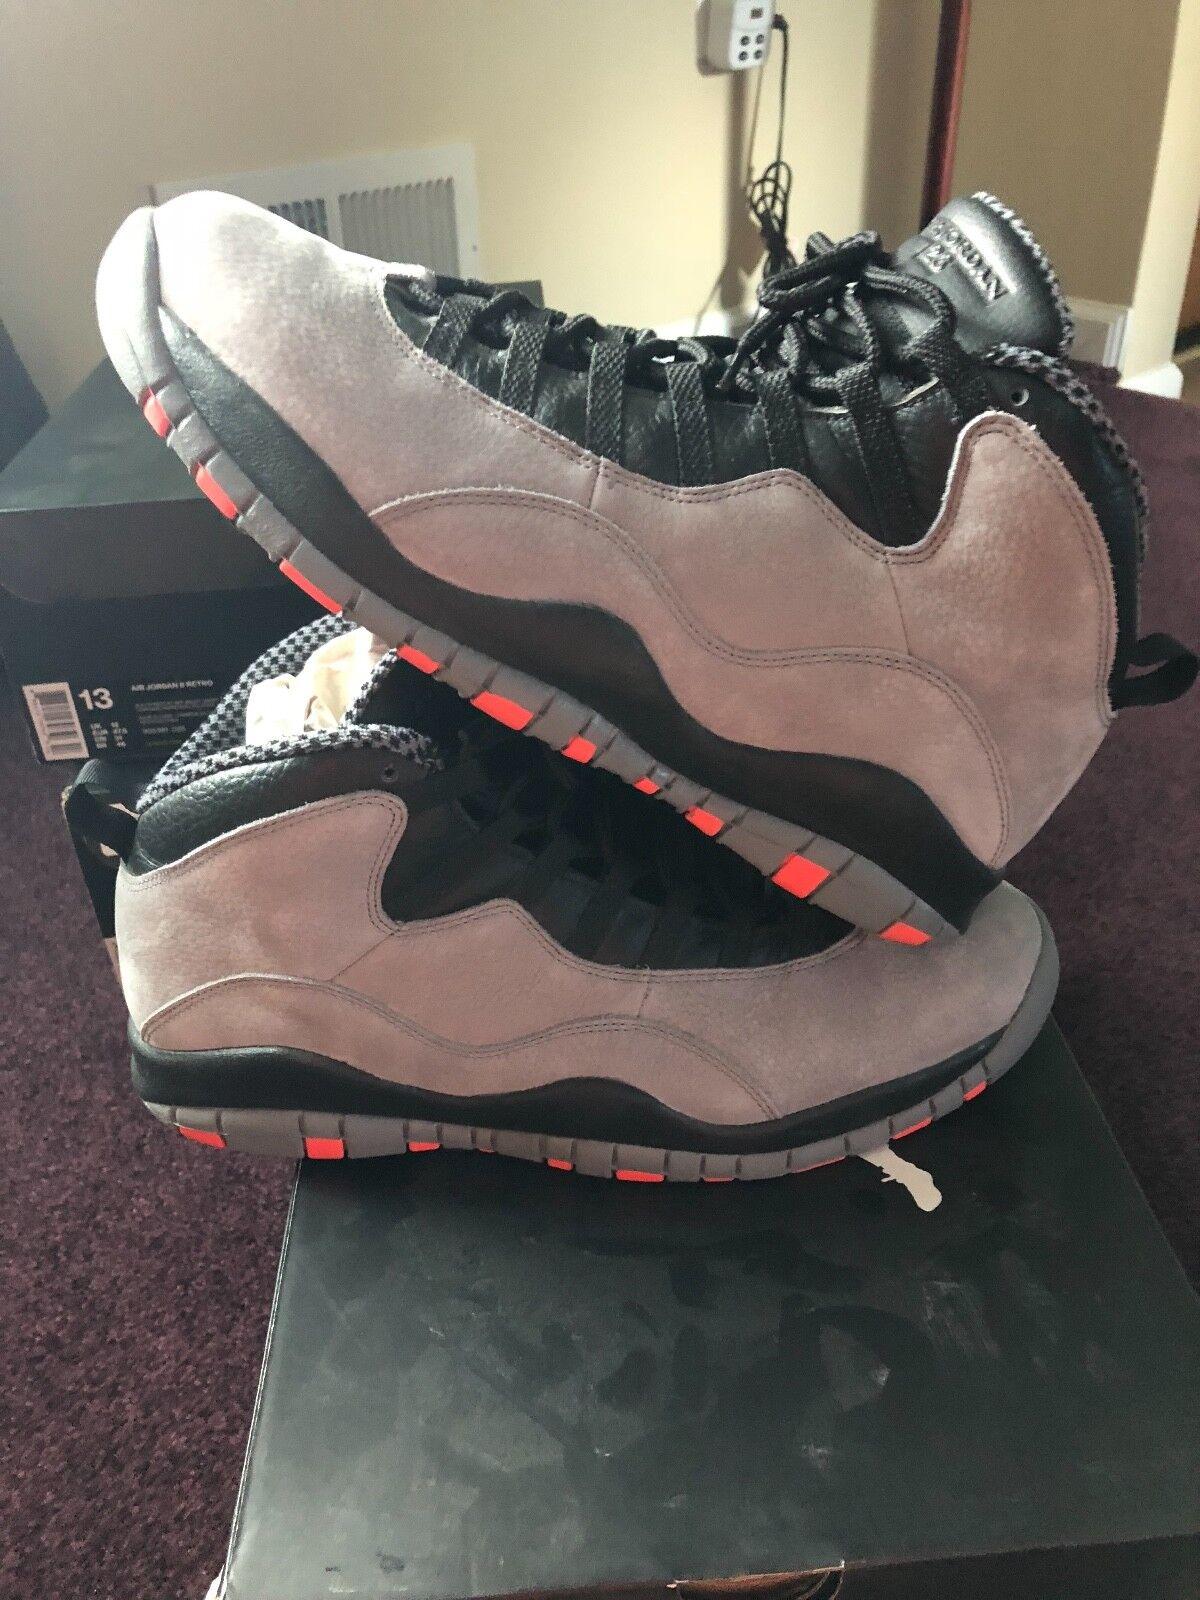 Air Jordan Retro 10 Cool Grey Size 13 Men's